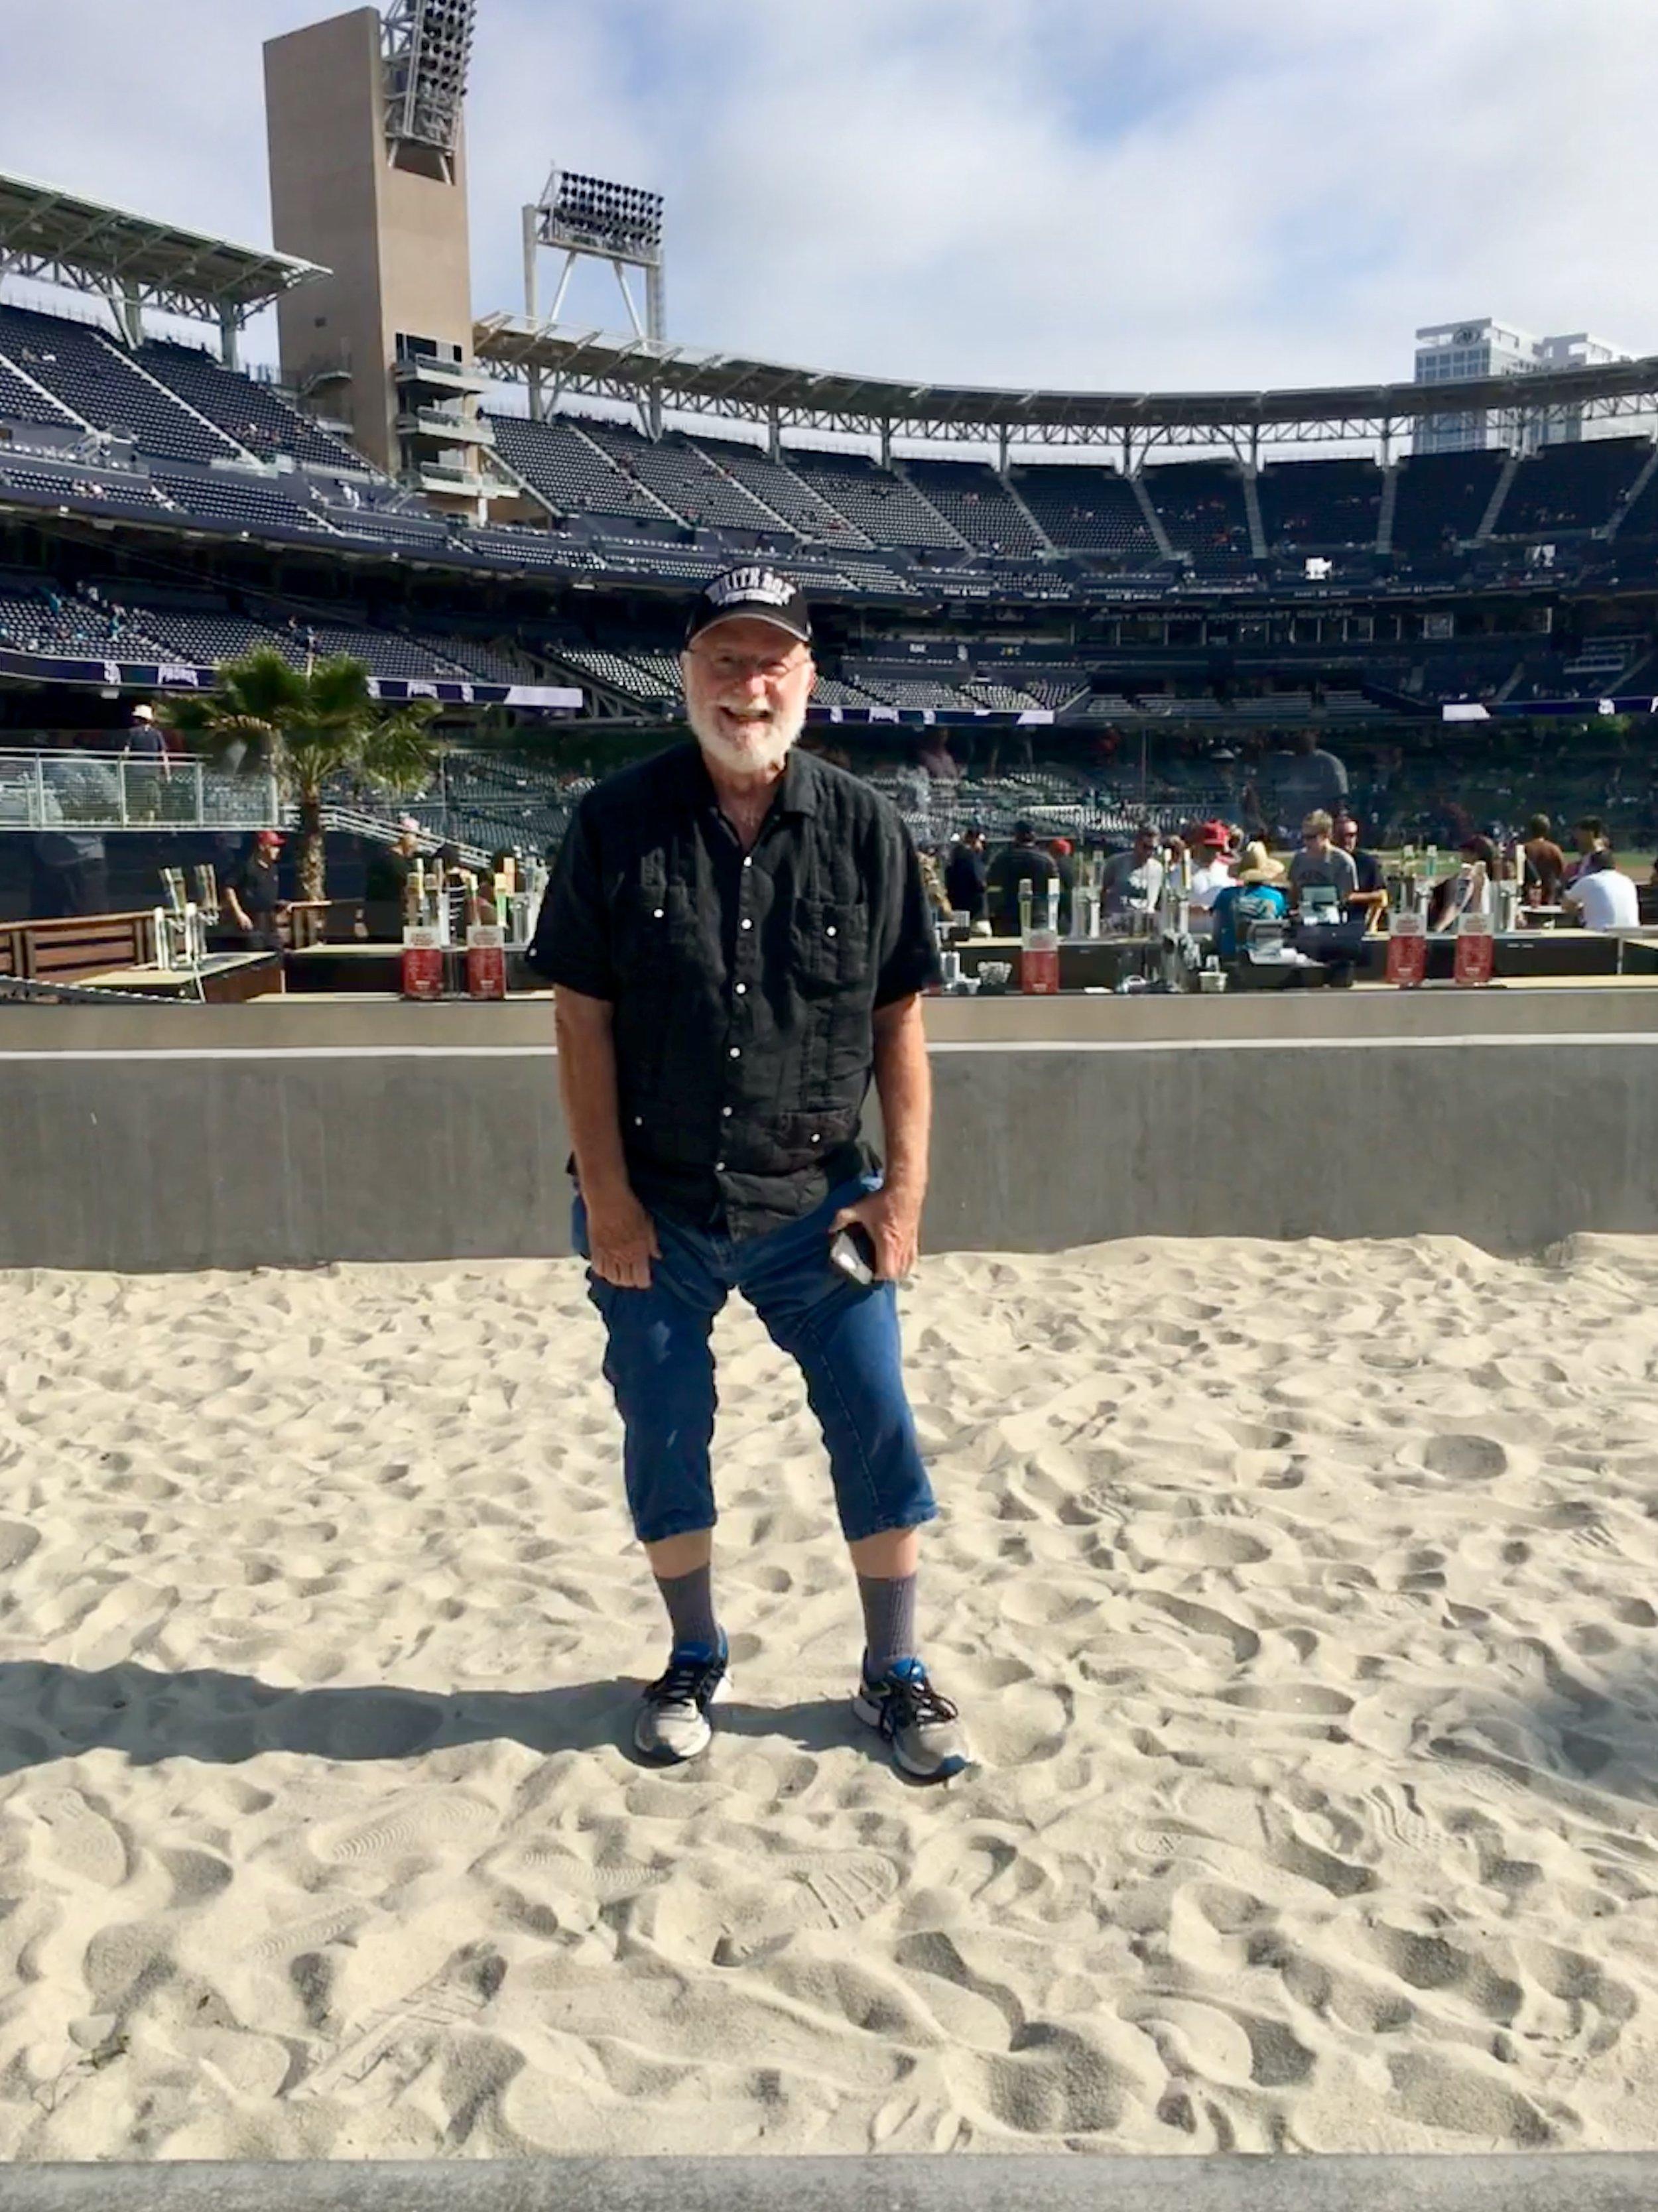 Even at a ballpark! Seriously?